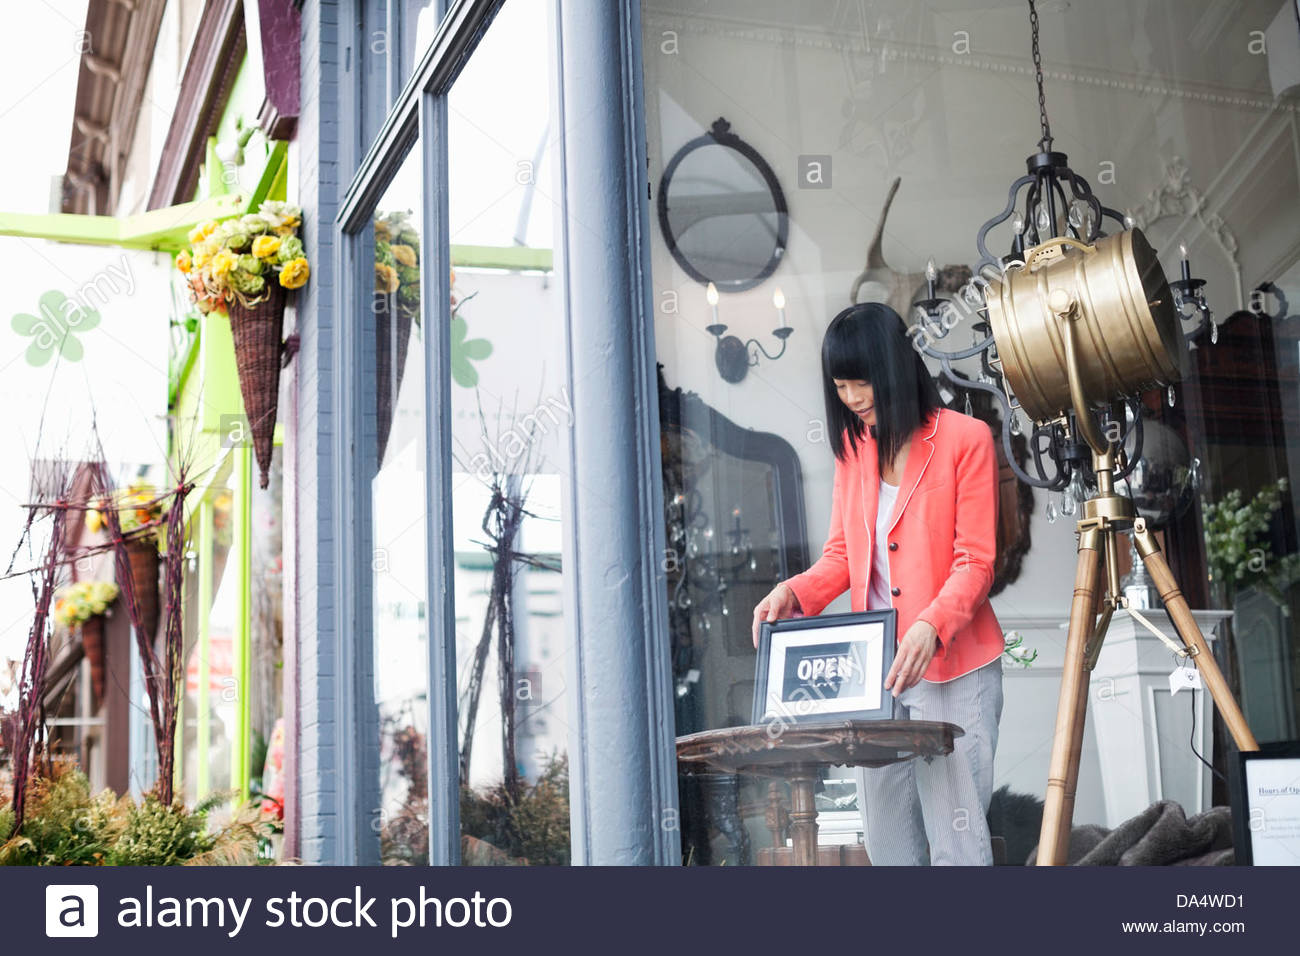 Femme propriétaire d'entreprise afficher Ouvrir Ouvrir une fenêtre de magasin de meubles Photo Stock